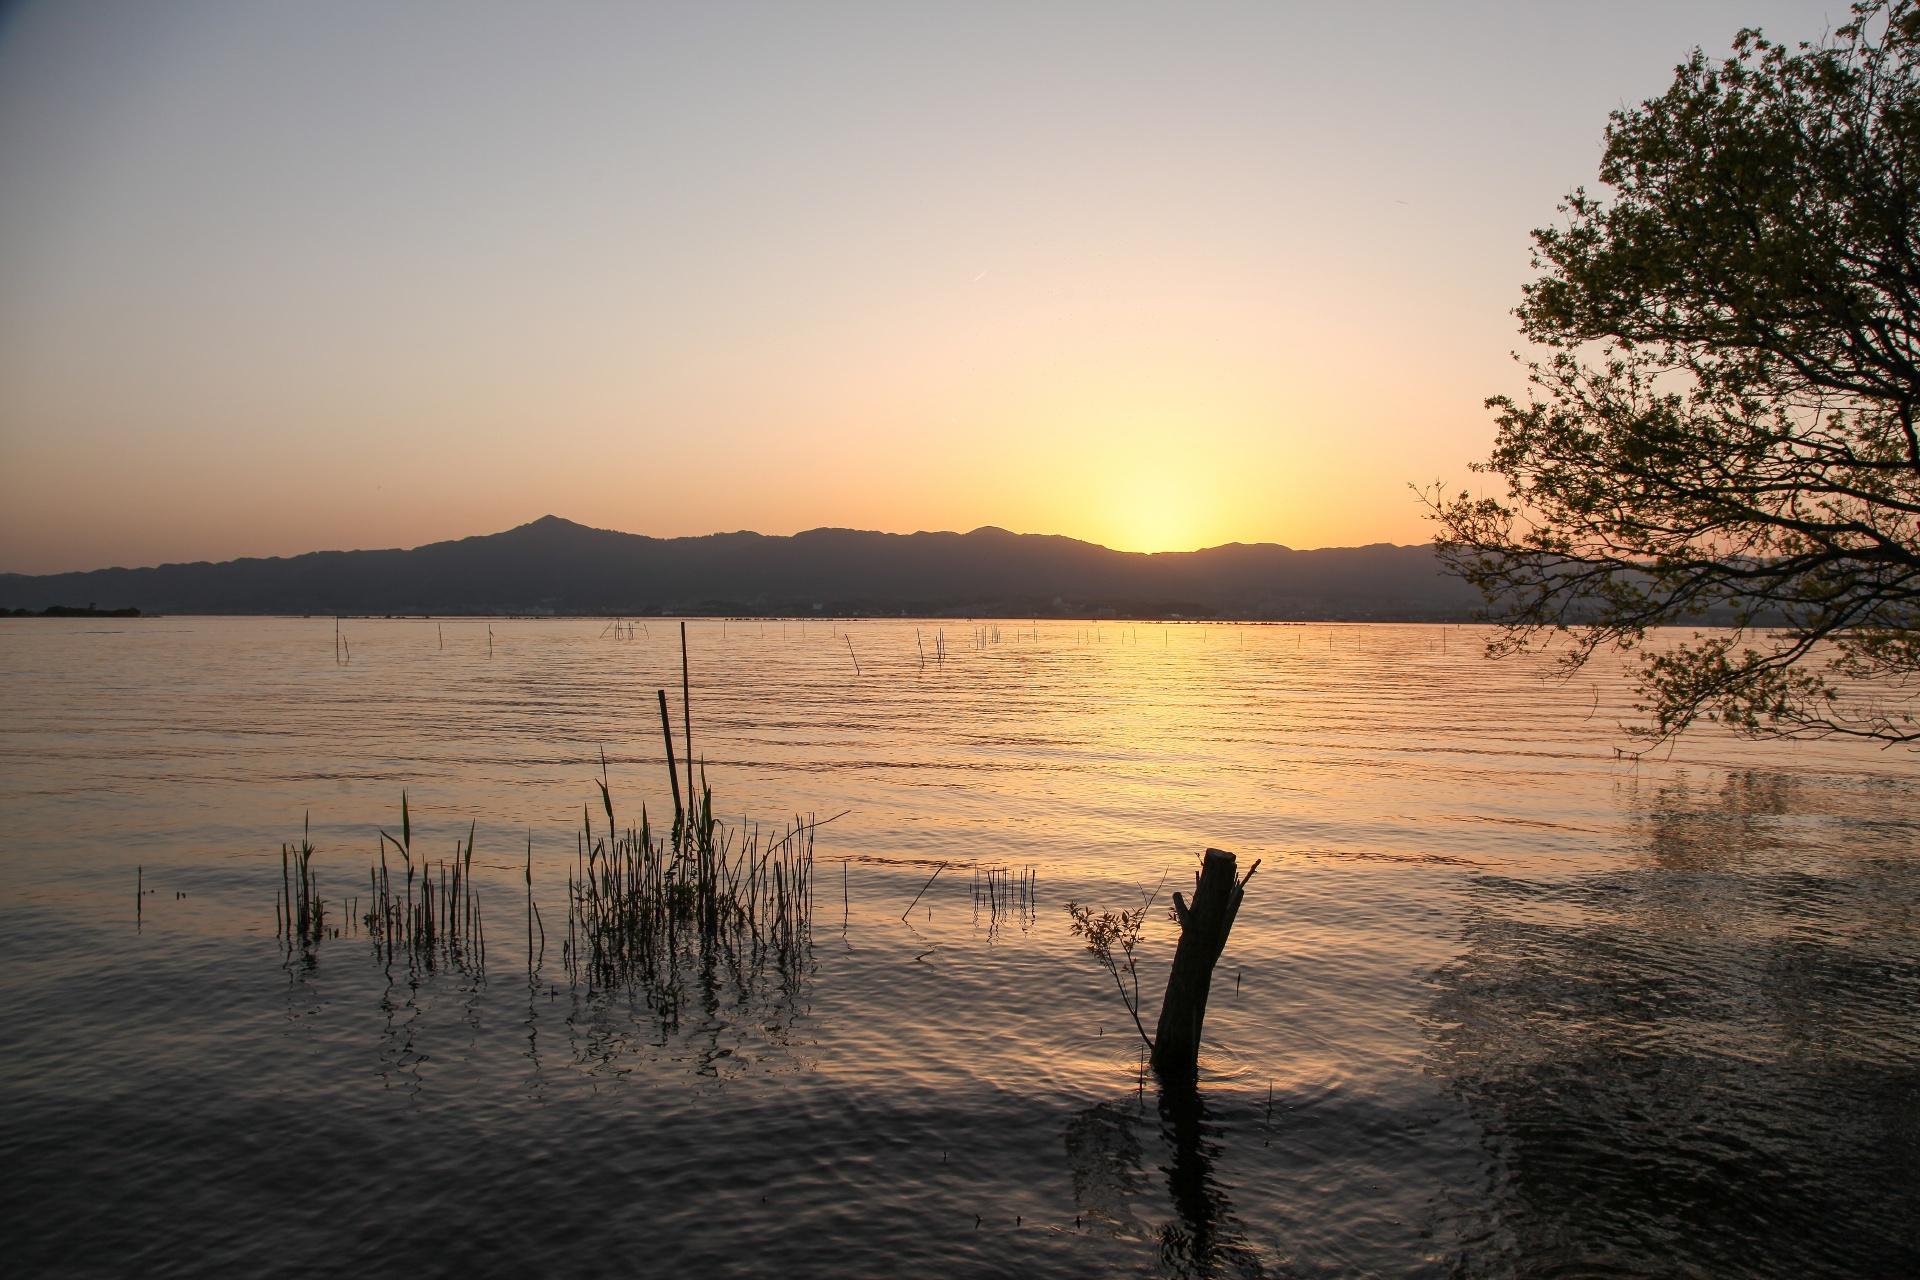 琵琶湖の夕日 滋賀の風景